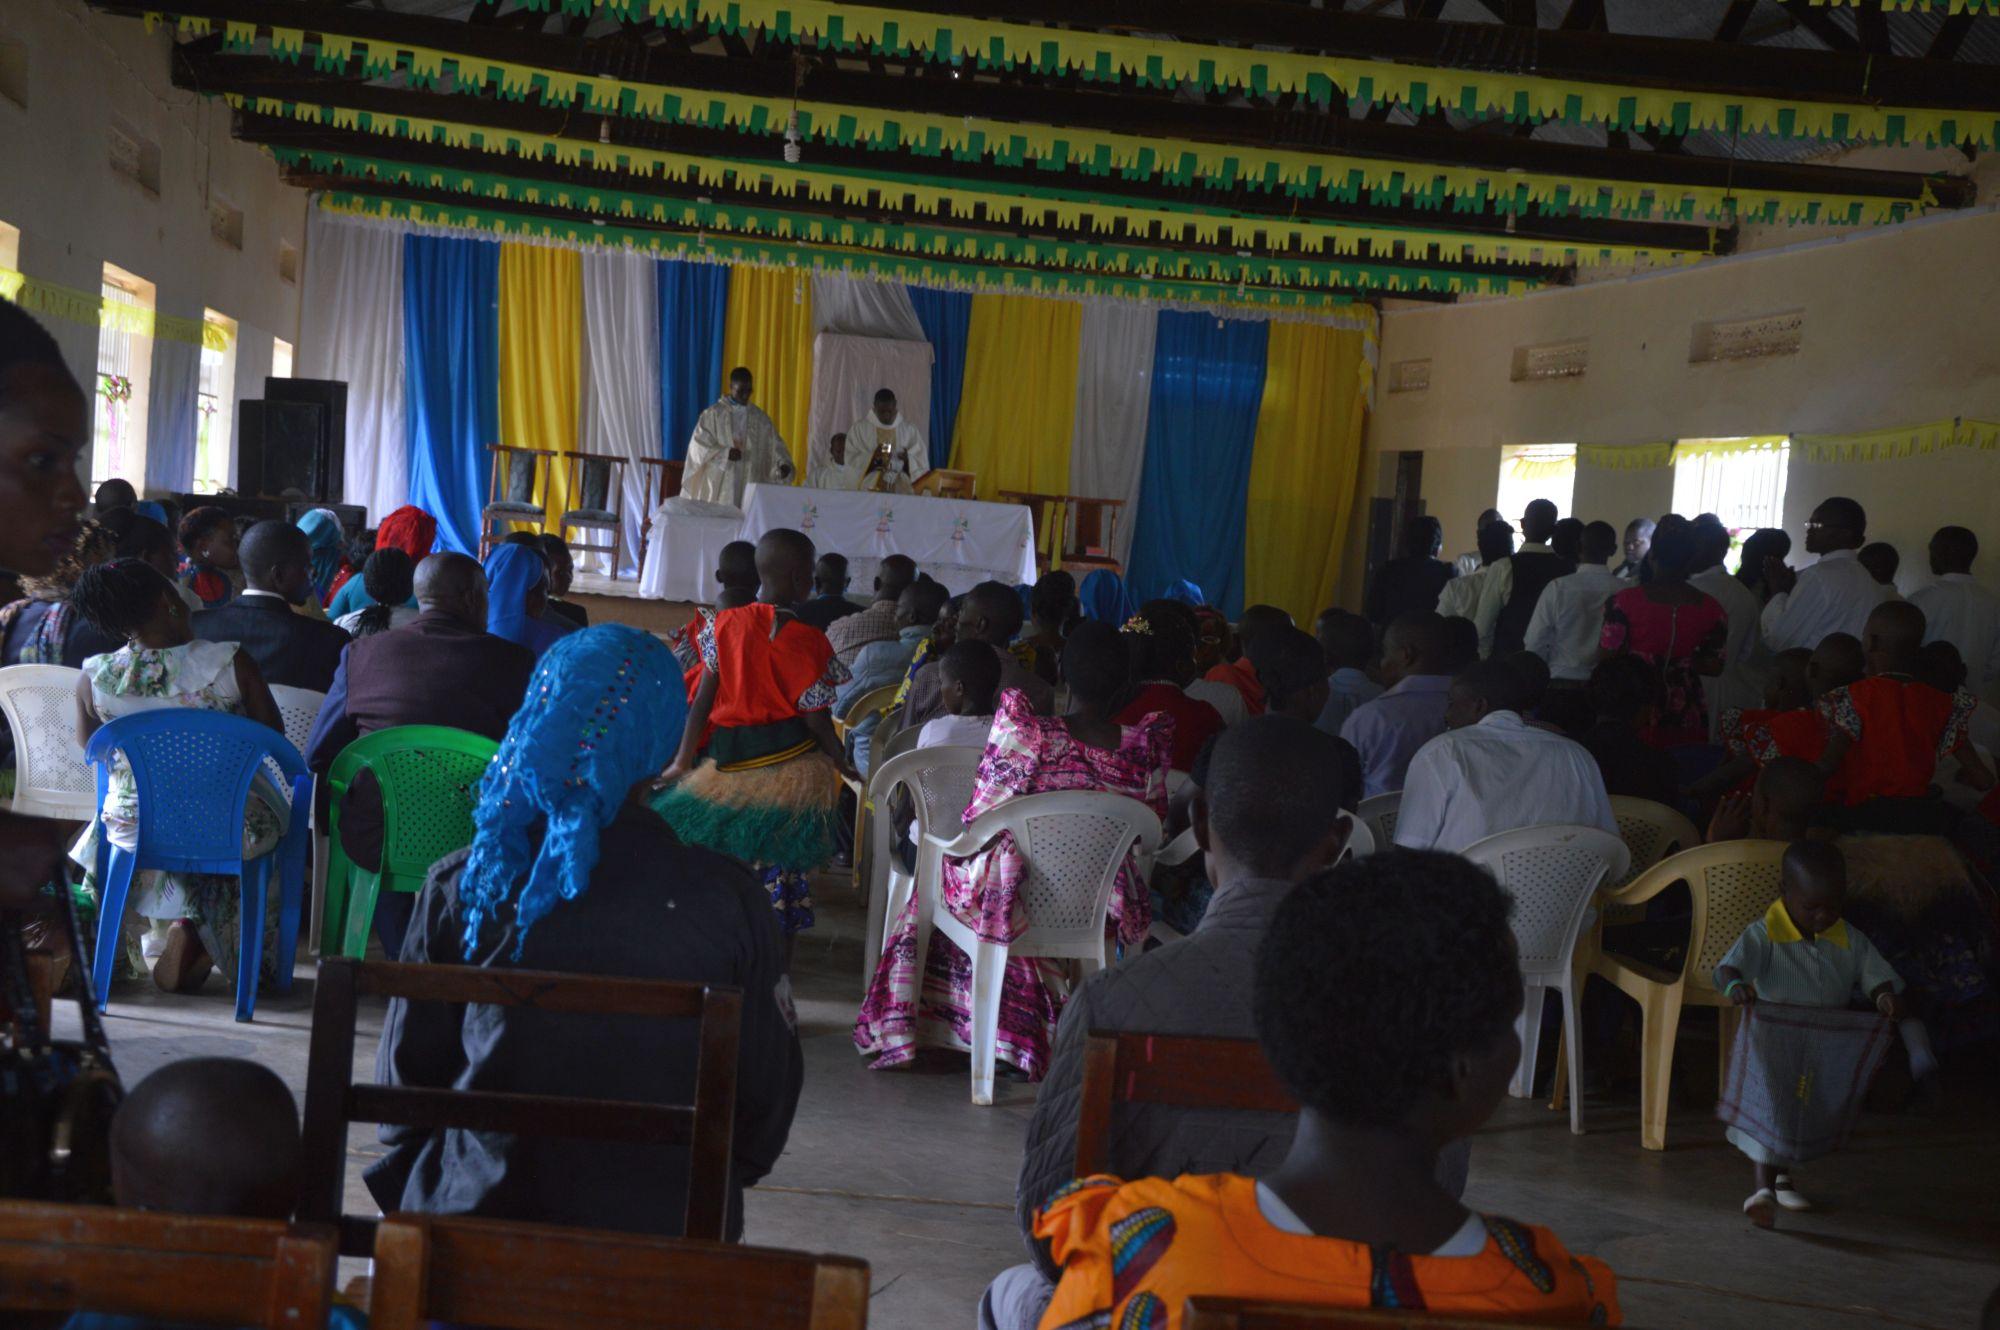 Vorne sitzen die Eltern und der Besuch vom Distrikt, sowie die LehrerInnen und Schwestern.